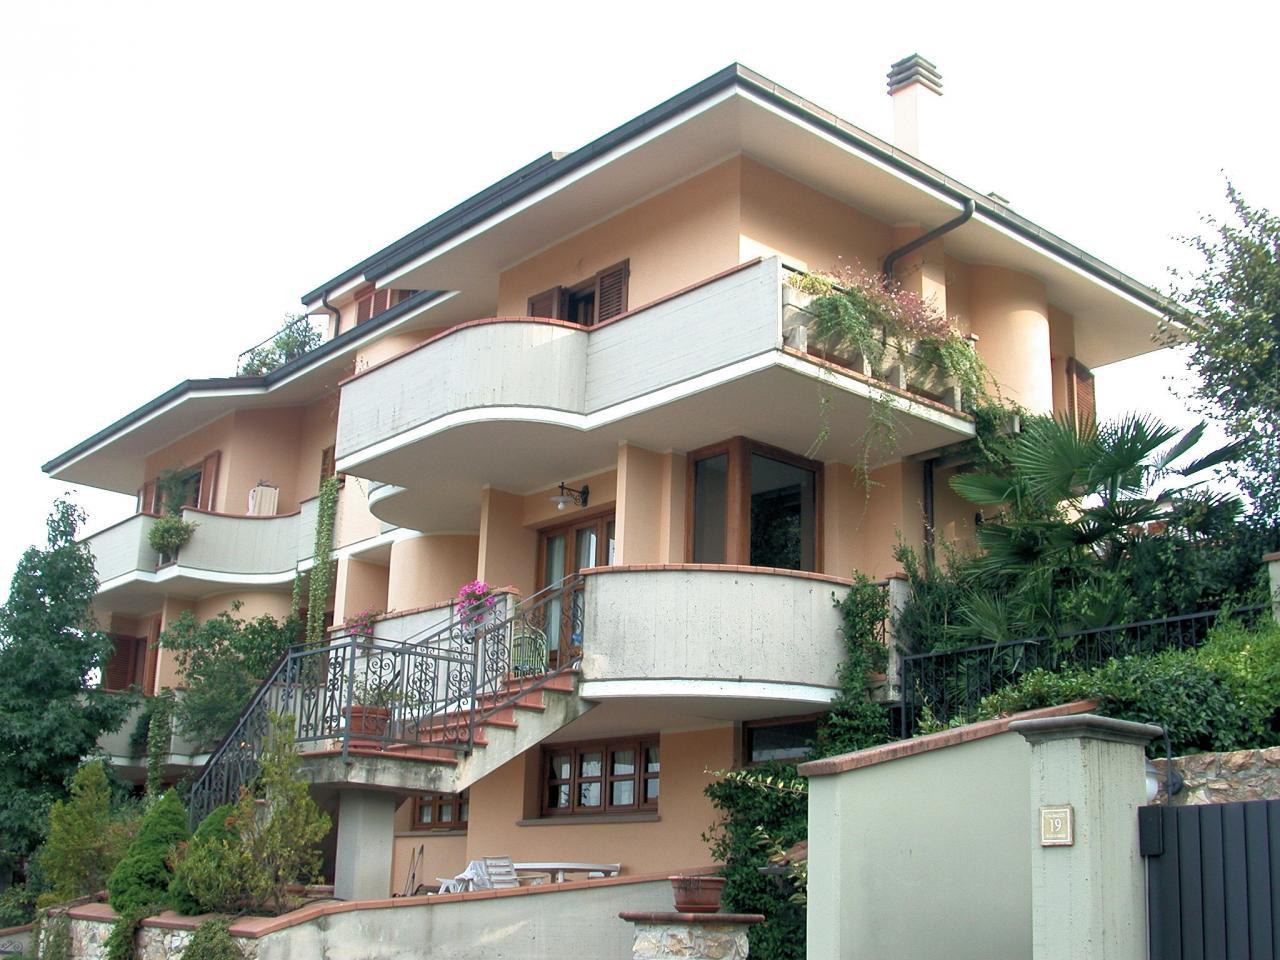 Villa Bifamiliare in vendita a Buggiano, 8 locali, zona Località: BorgoaBuggiano, prezzo € 495.000 | Cambio Casa.it